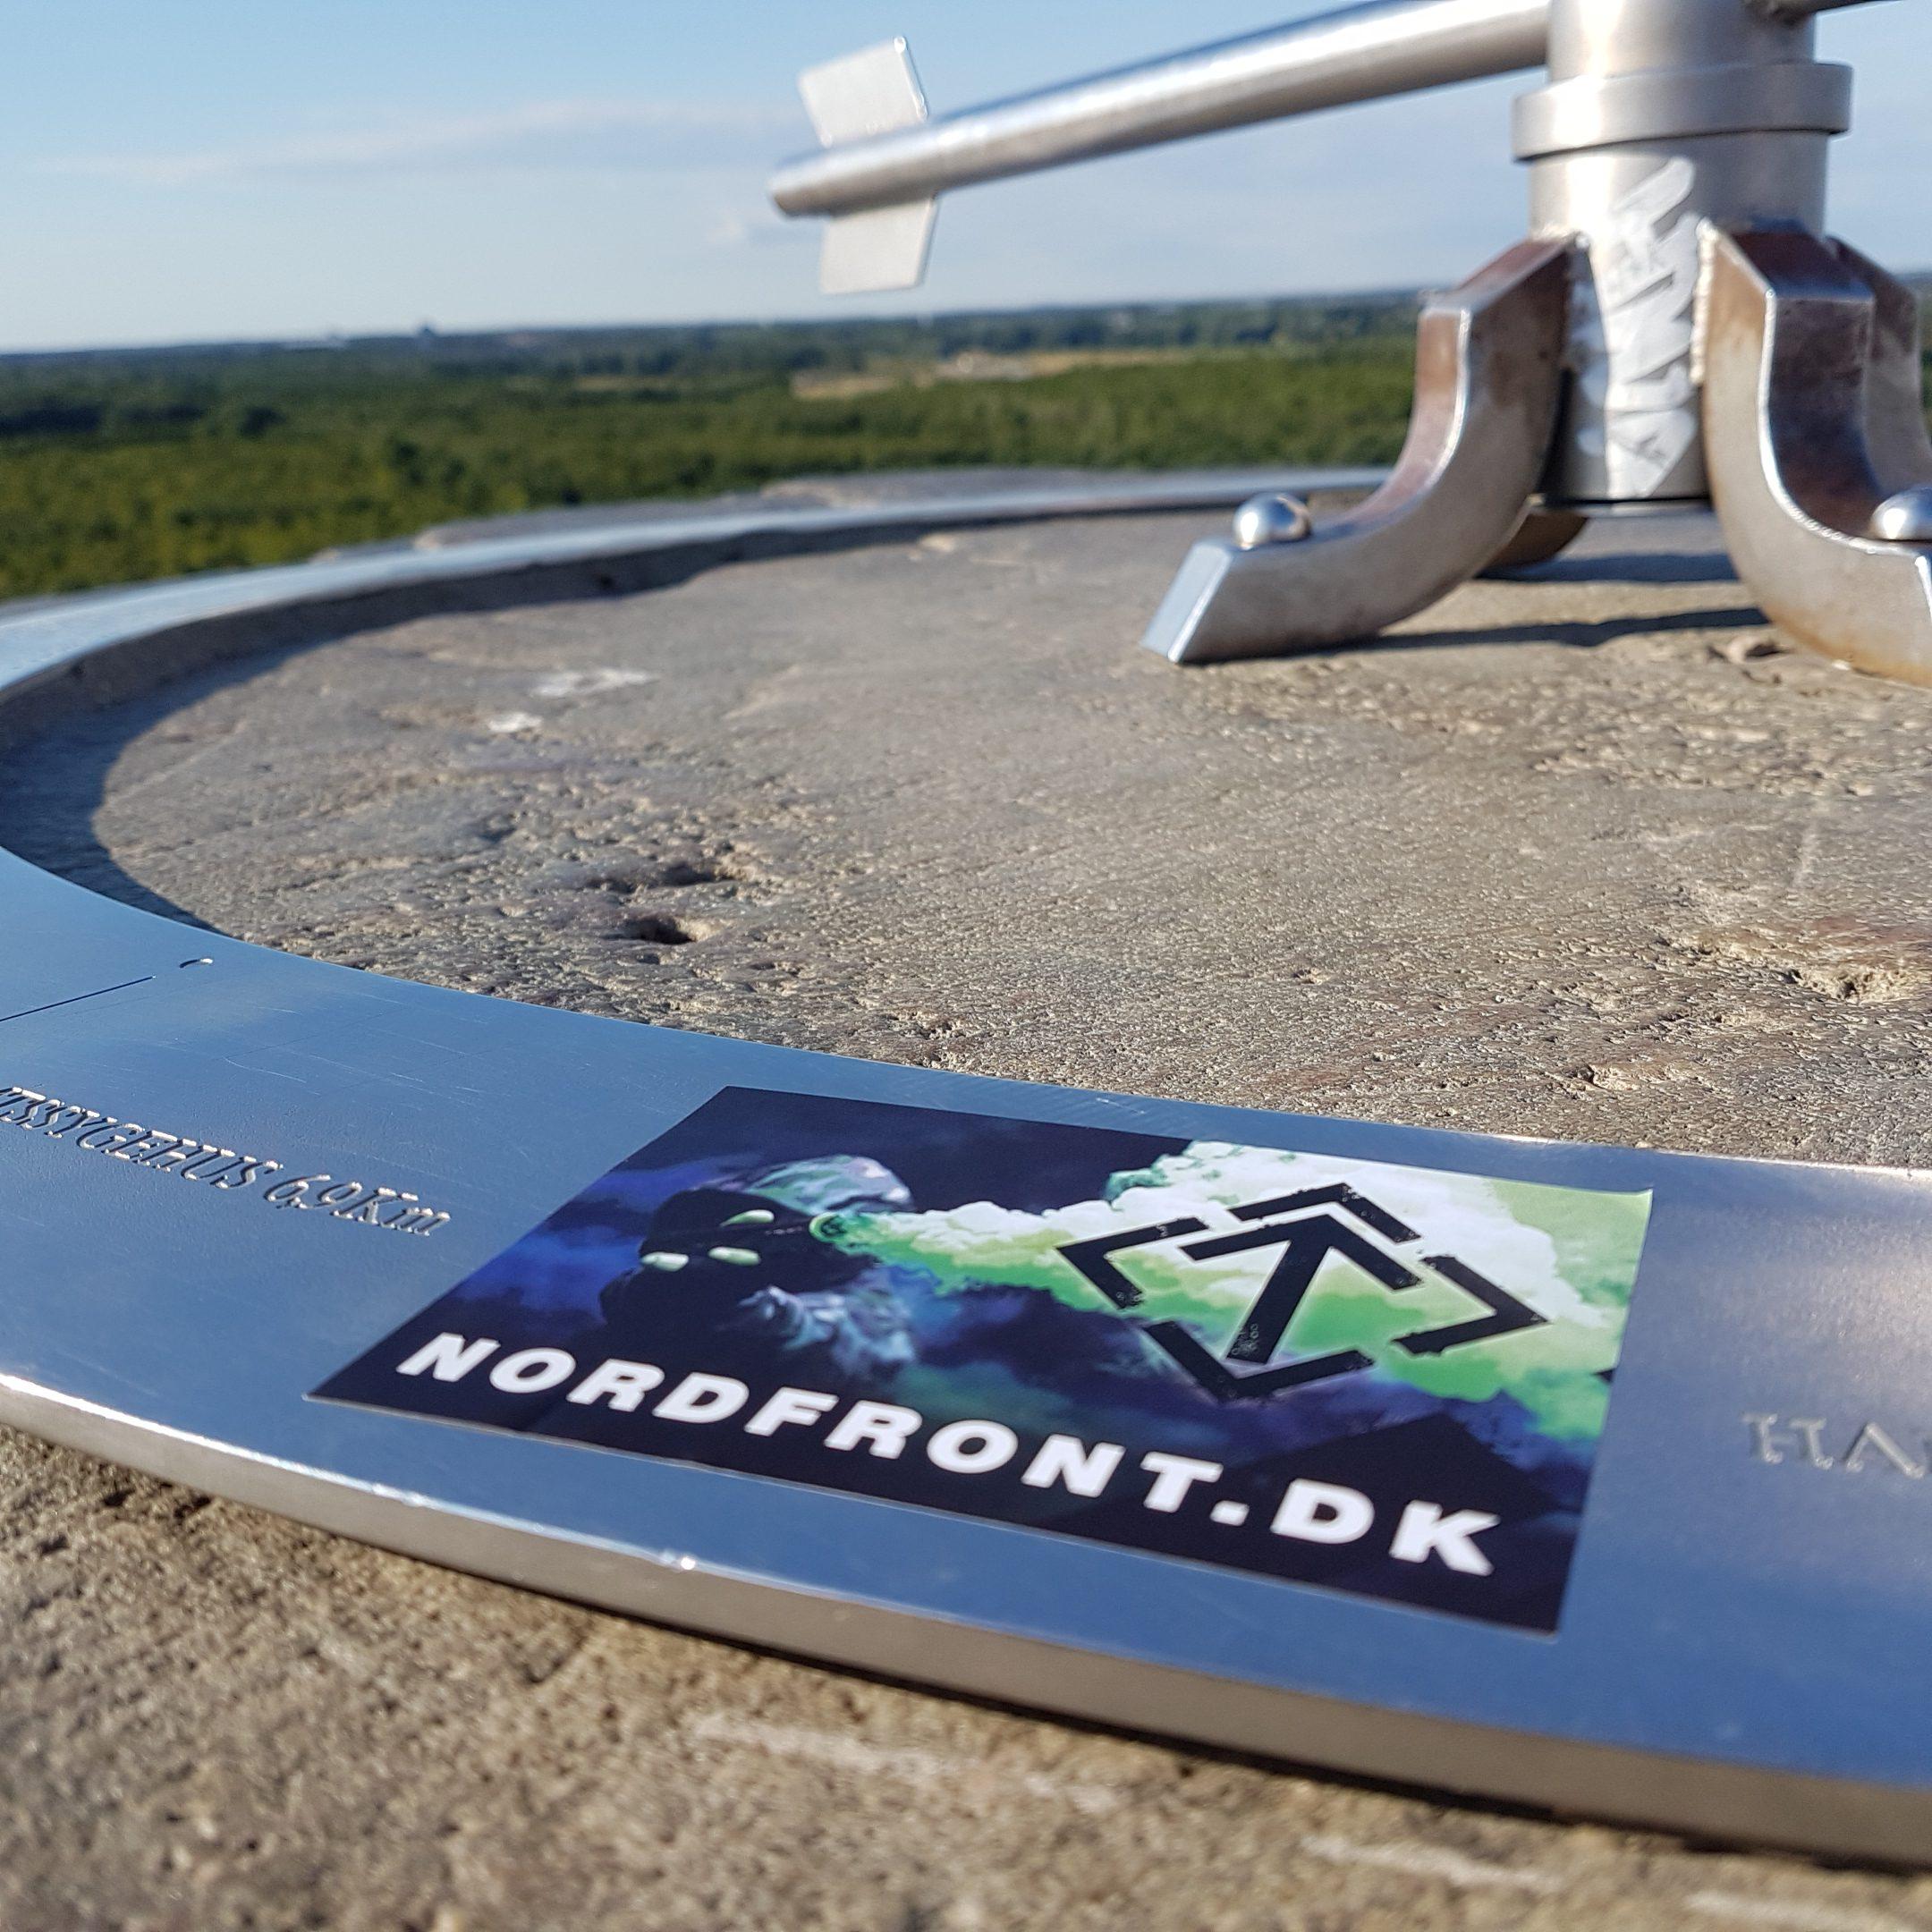 Klistermærker i Albertlund Kommune